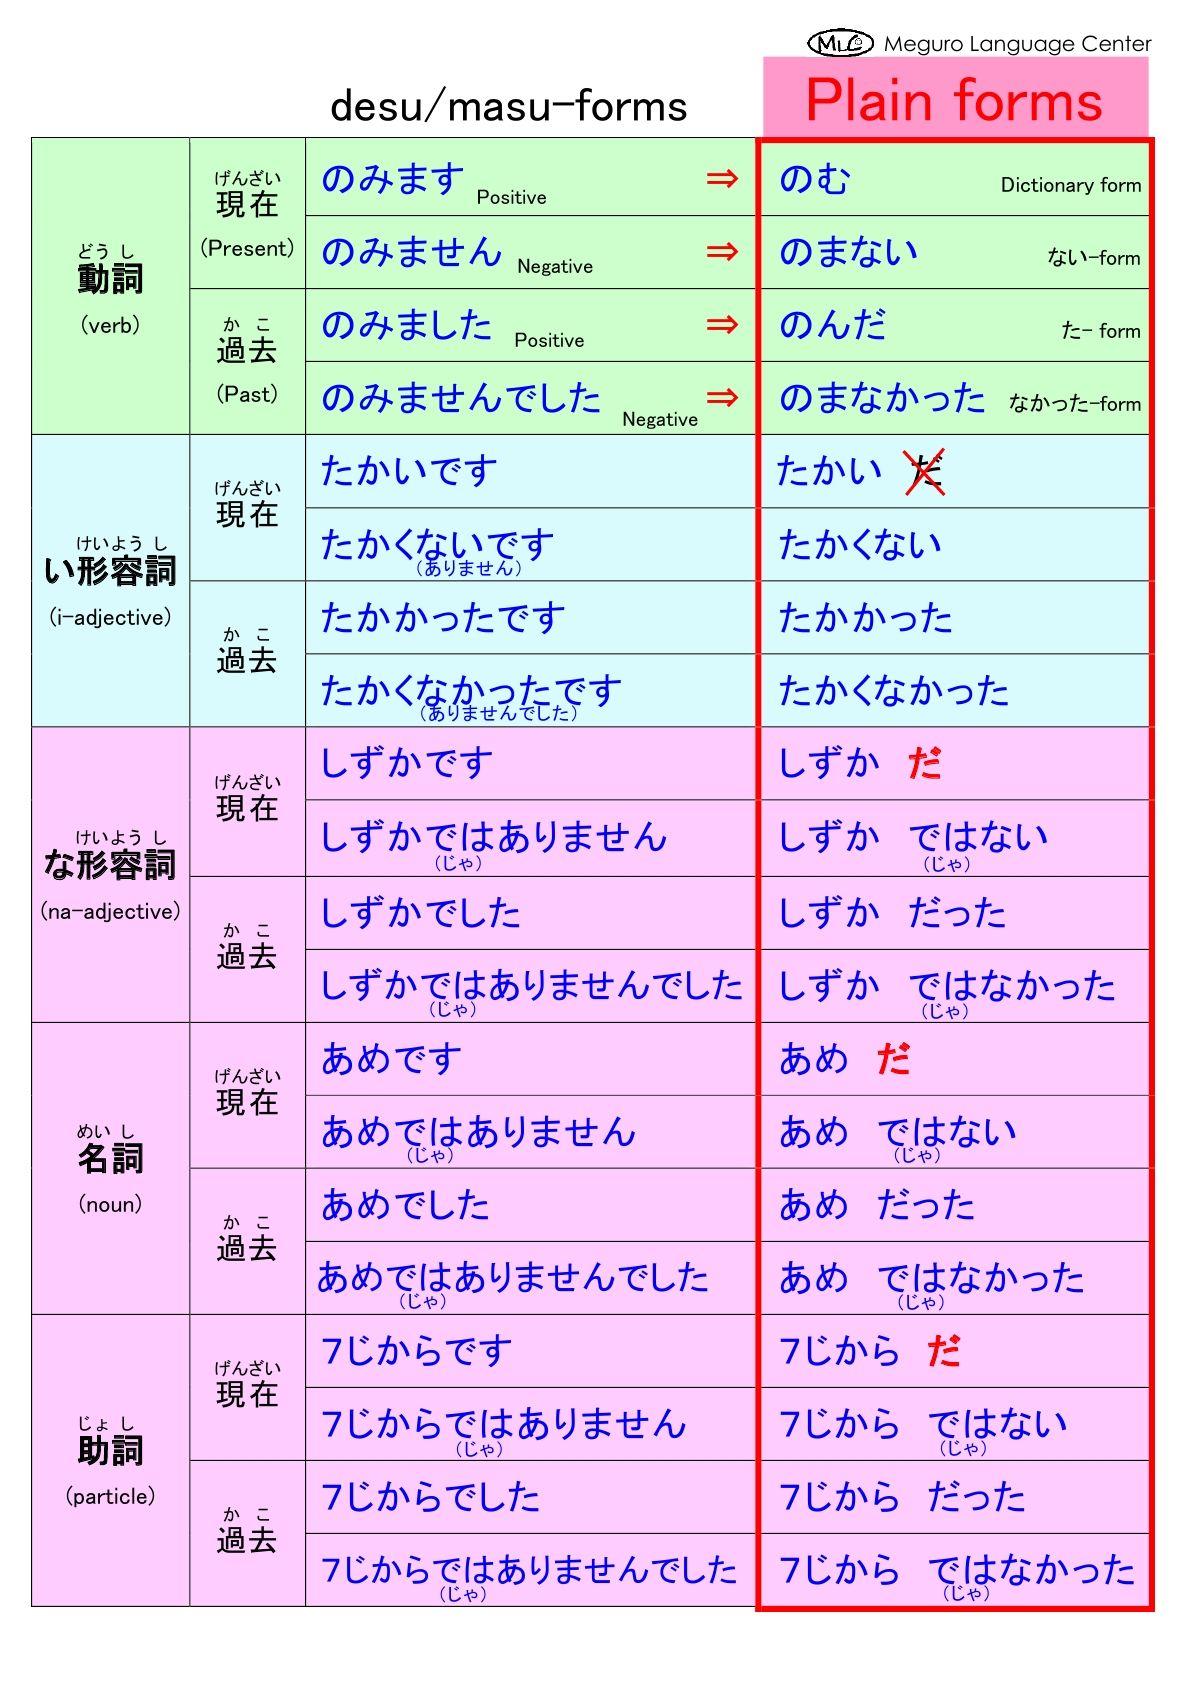 Desu masu forms to plain form from mlcjapanese japanese nihongo grammar also rh pinterest